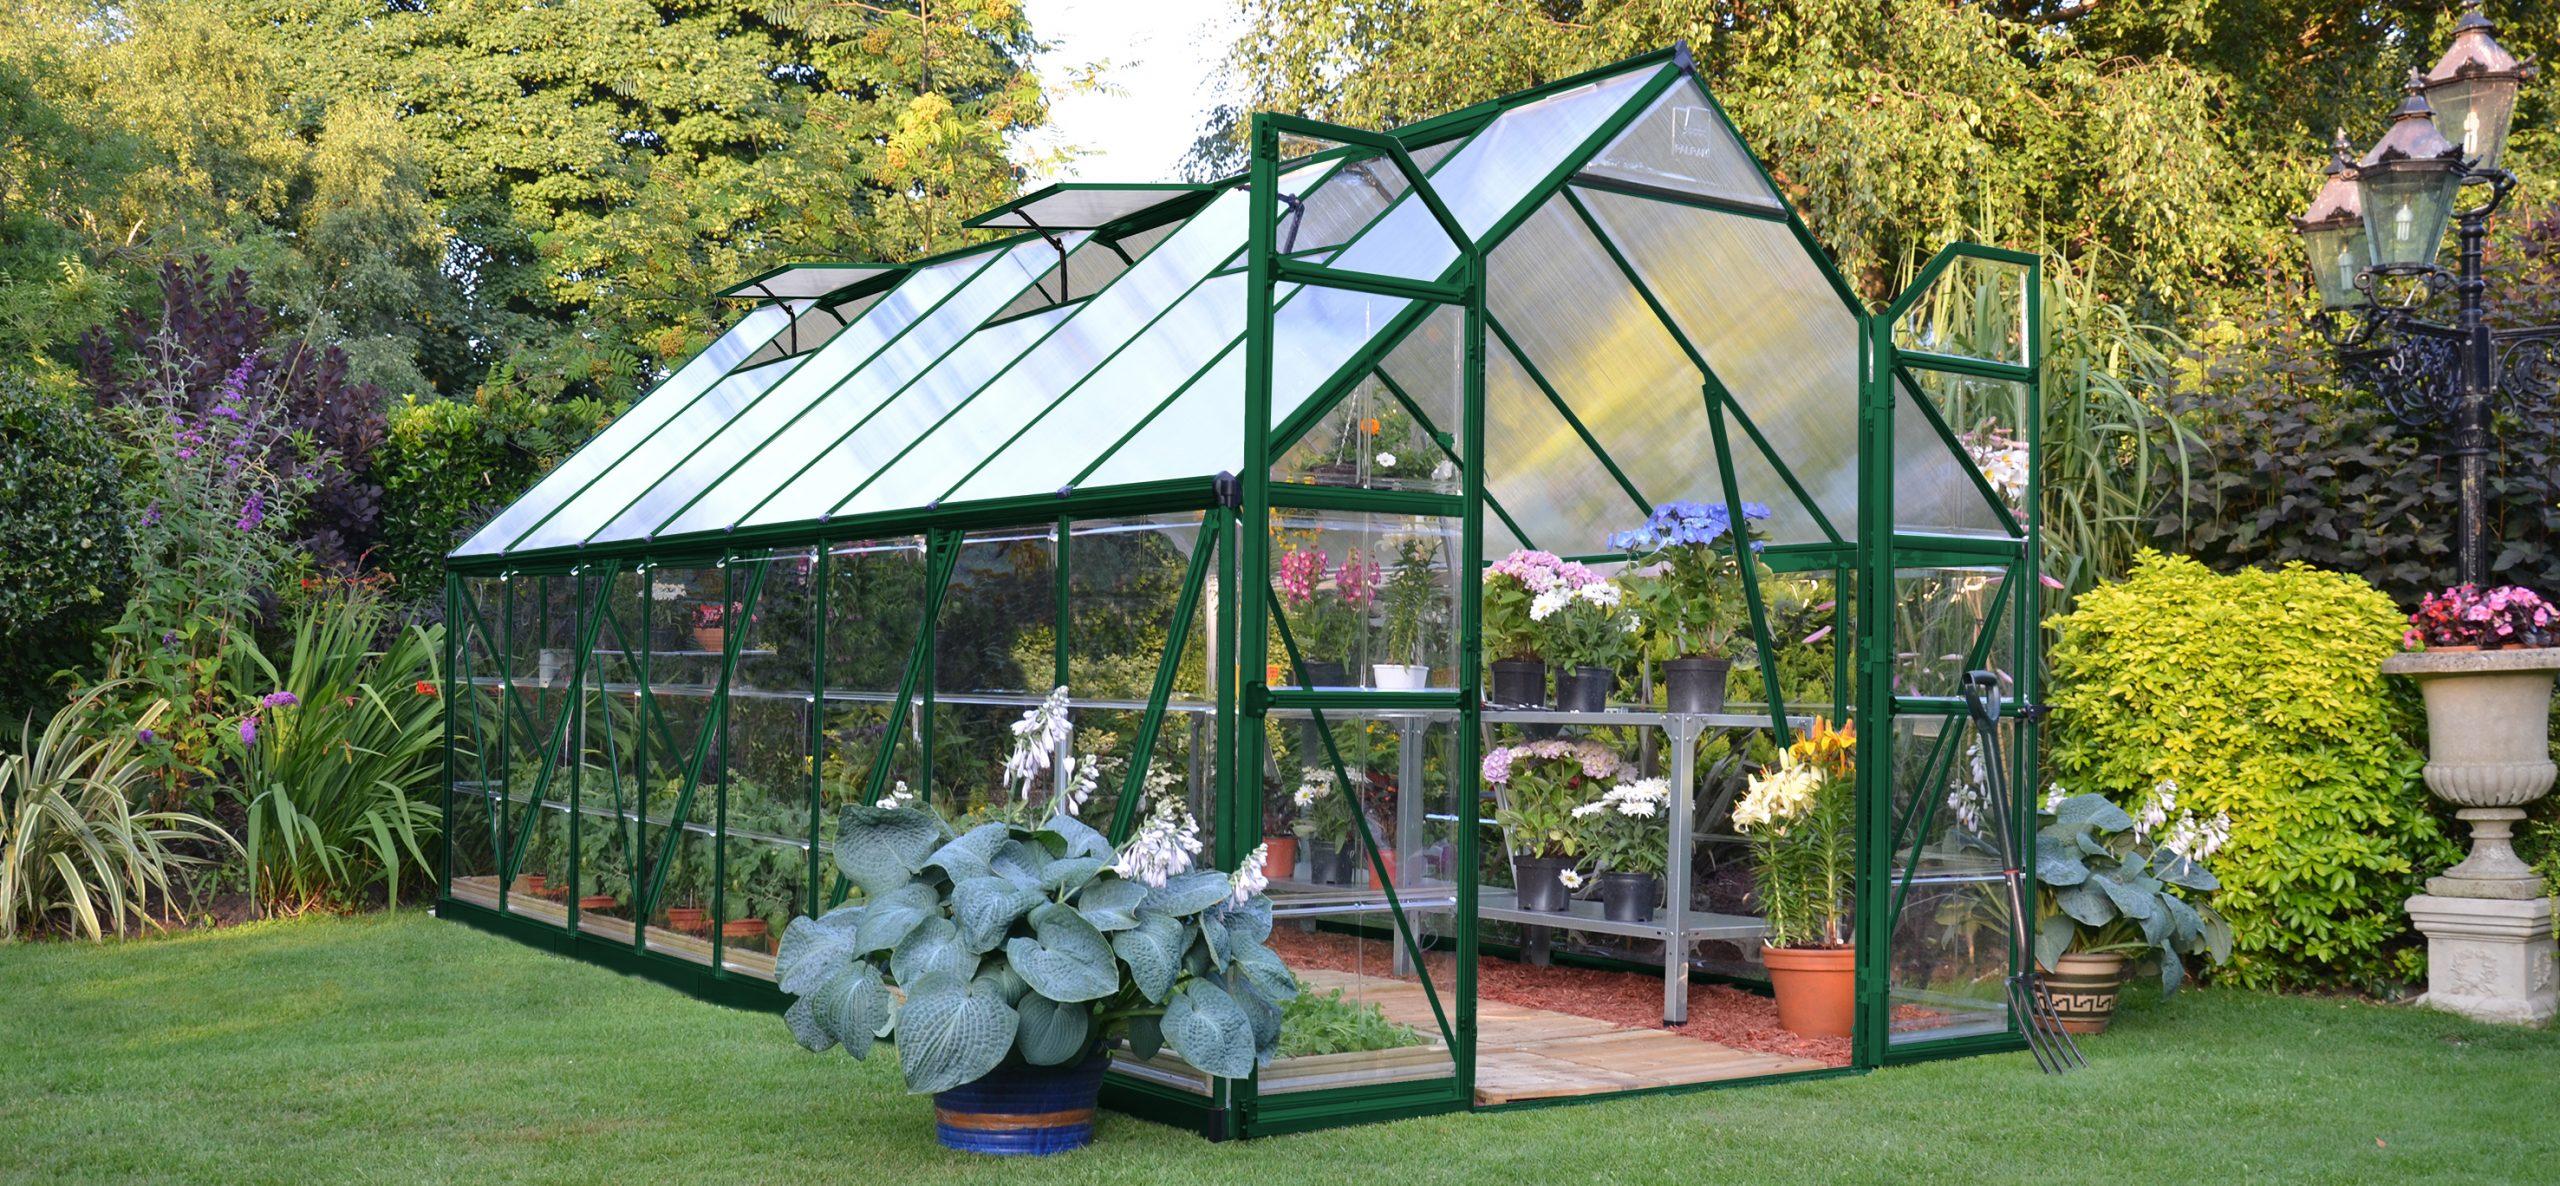 Serre De Jardin ⇒ S, Comparatif & Meilleur Serres Pour 2020 pour Serres De Jardin En Verre